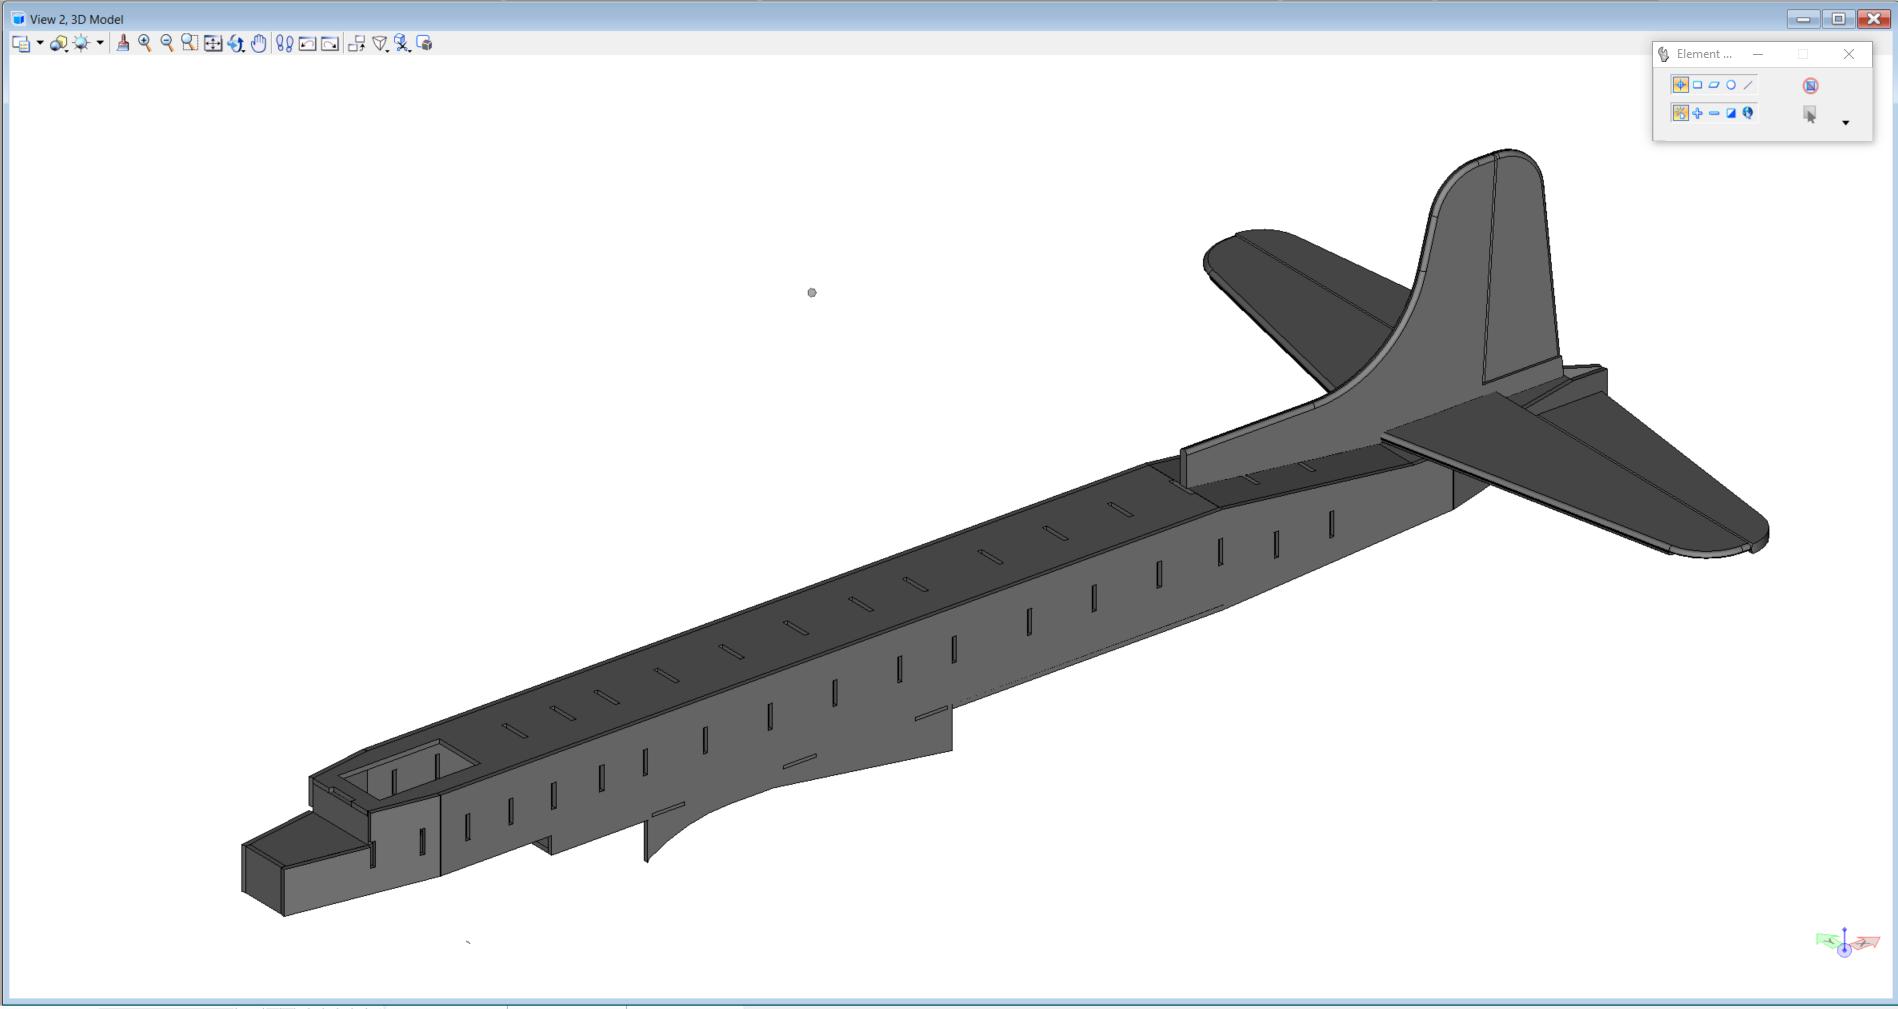 DouglasDC-6-Model-3D-1.png